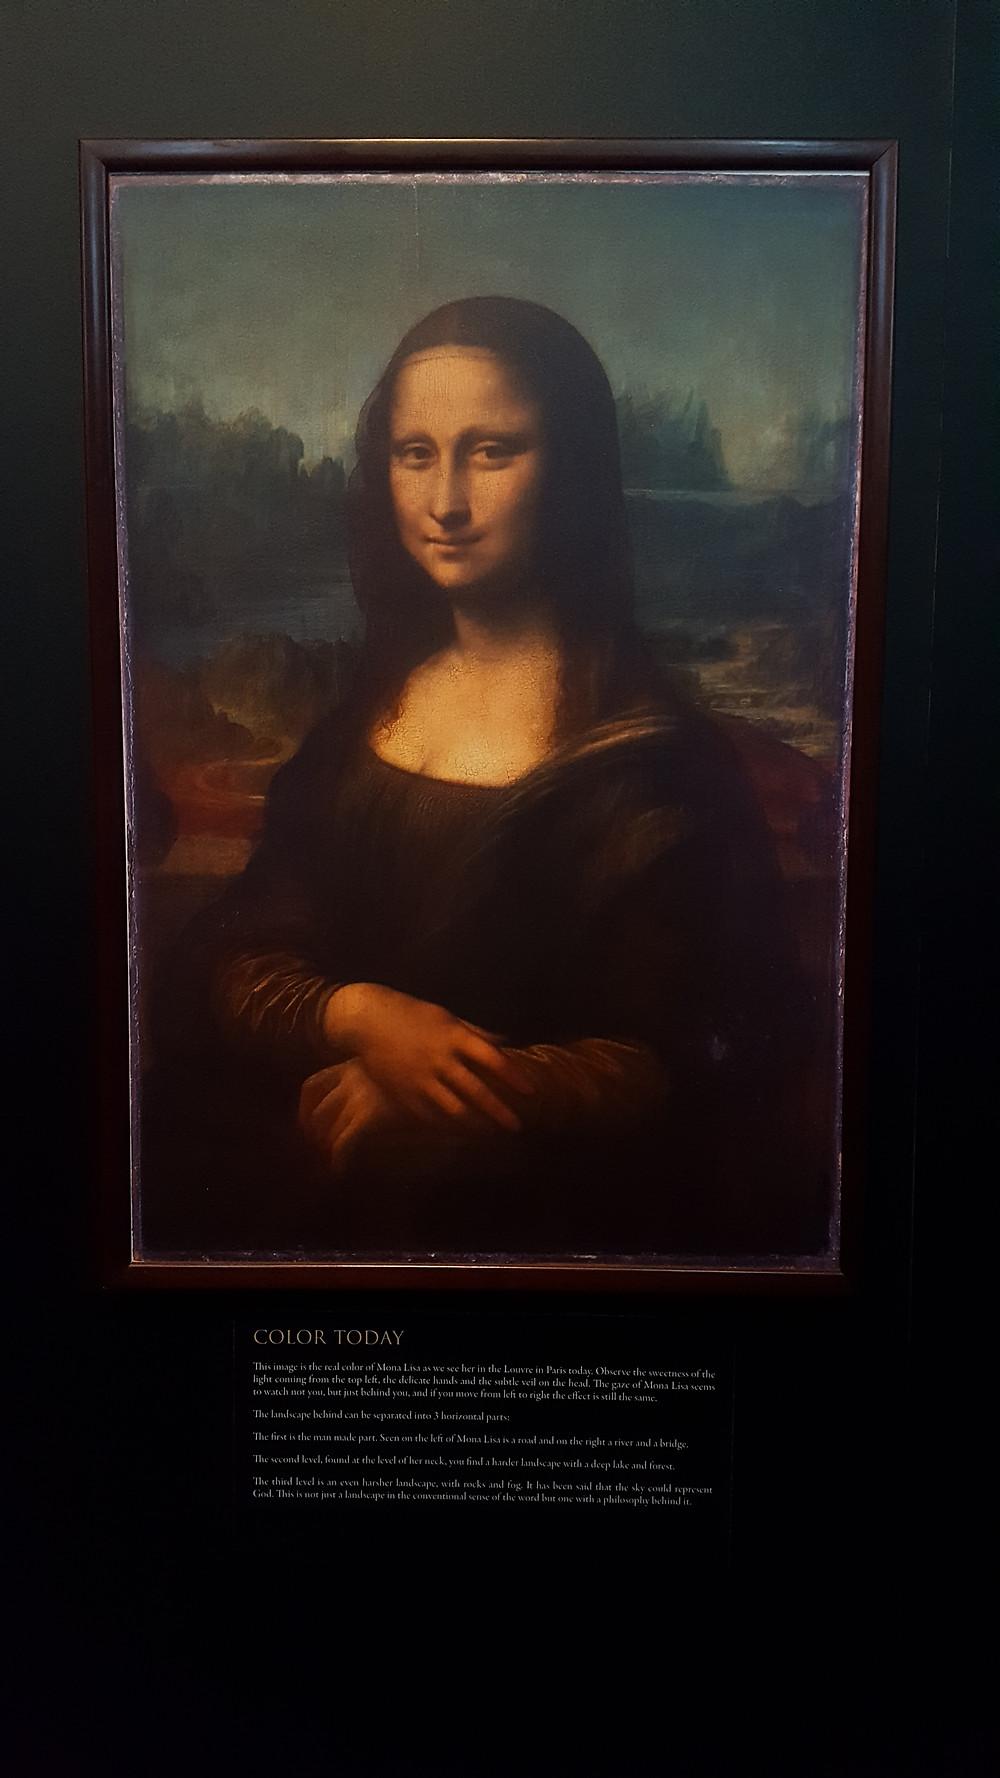 Mona Lisa hoy dia, deteriorada